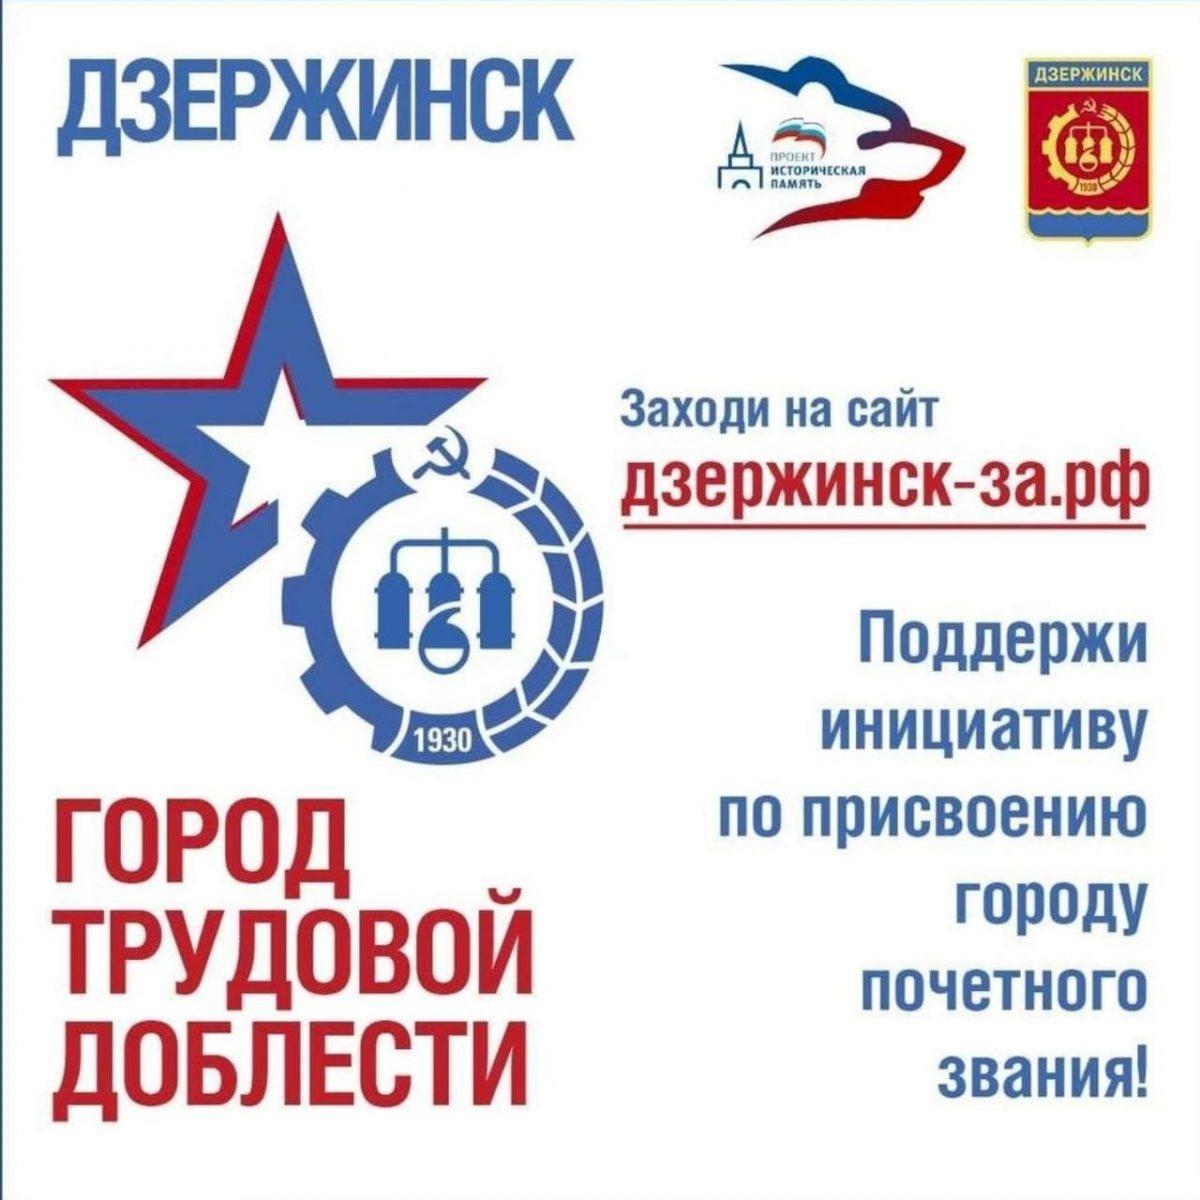 Глава Дзержинска поздравил горожан с присвоением городу почетного звания «Город трудовой доблести»